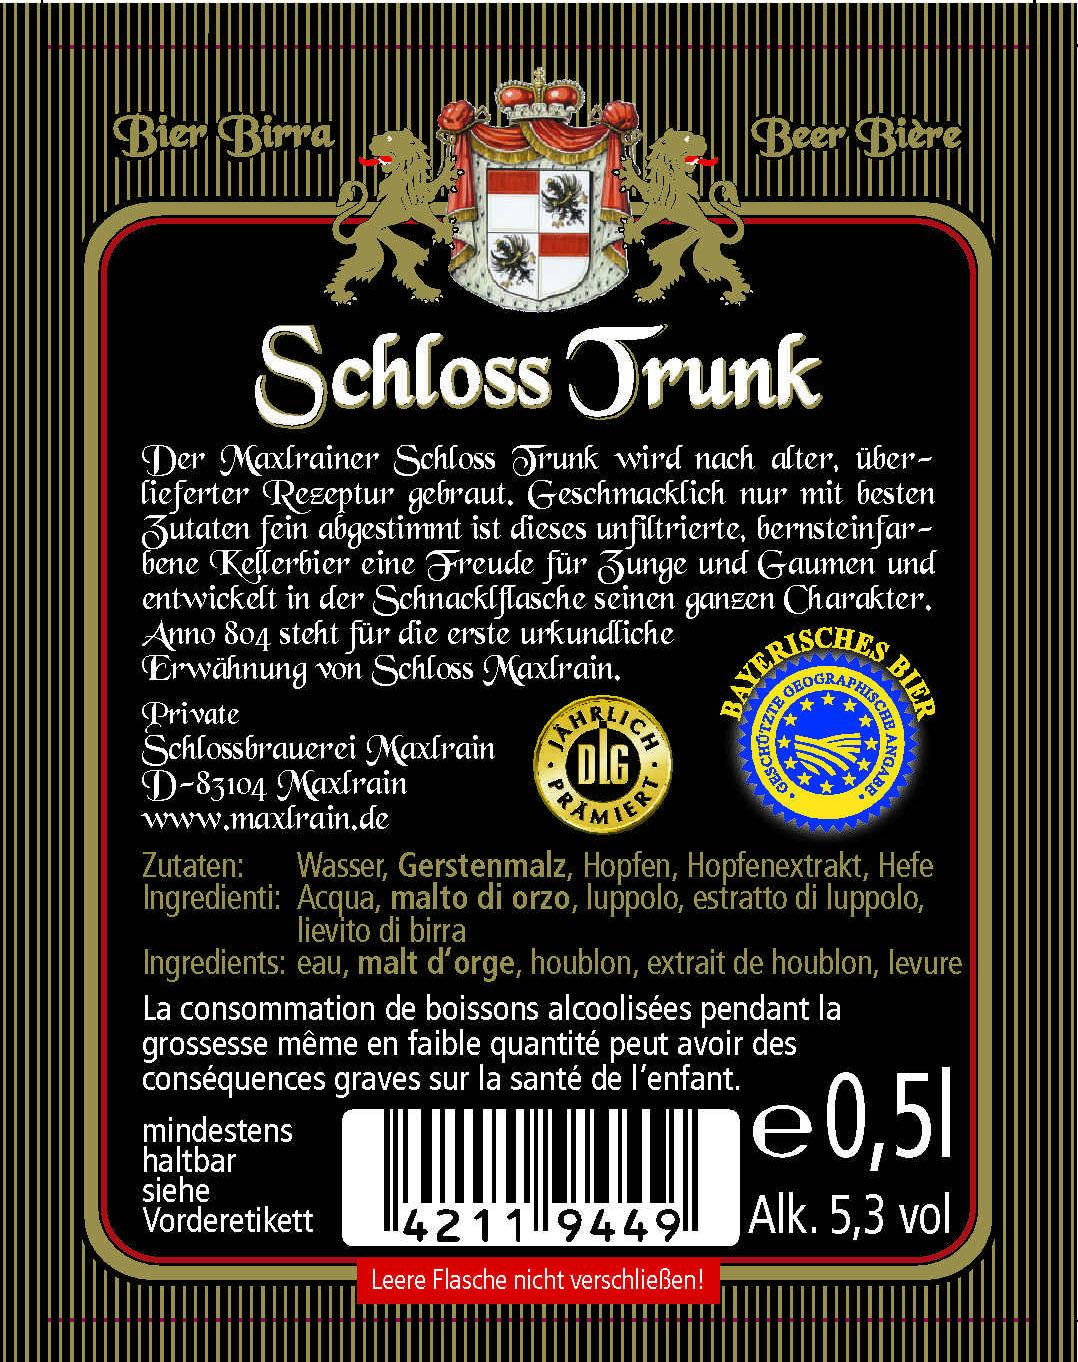 https://der-rosenheimer.de/shop/bilder/Etiketten/Maxlrainer/Schloss-Trunk_RE_05l.jpg